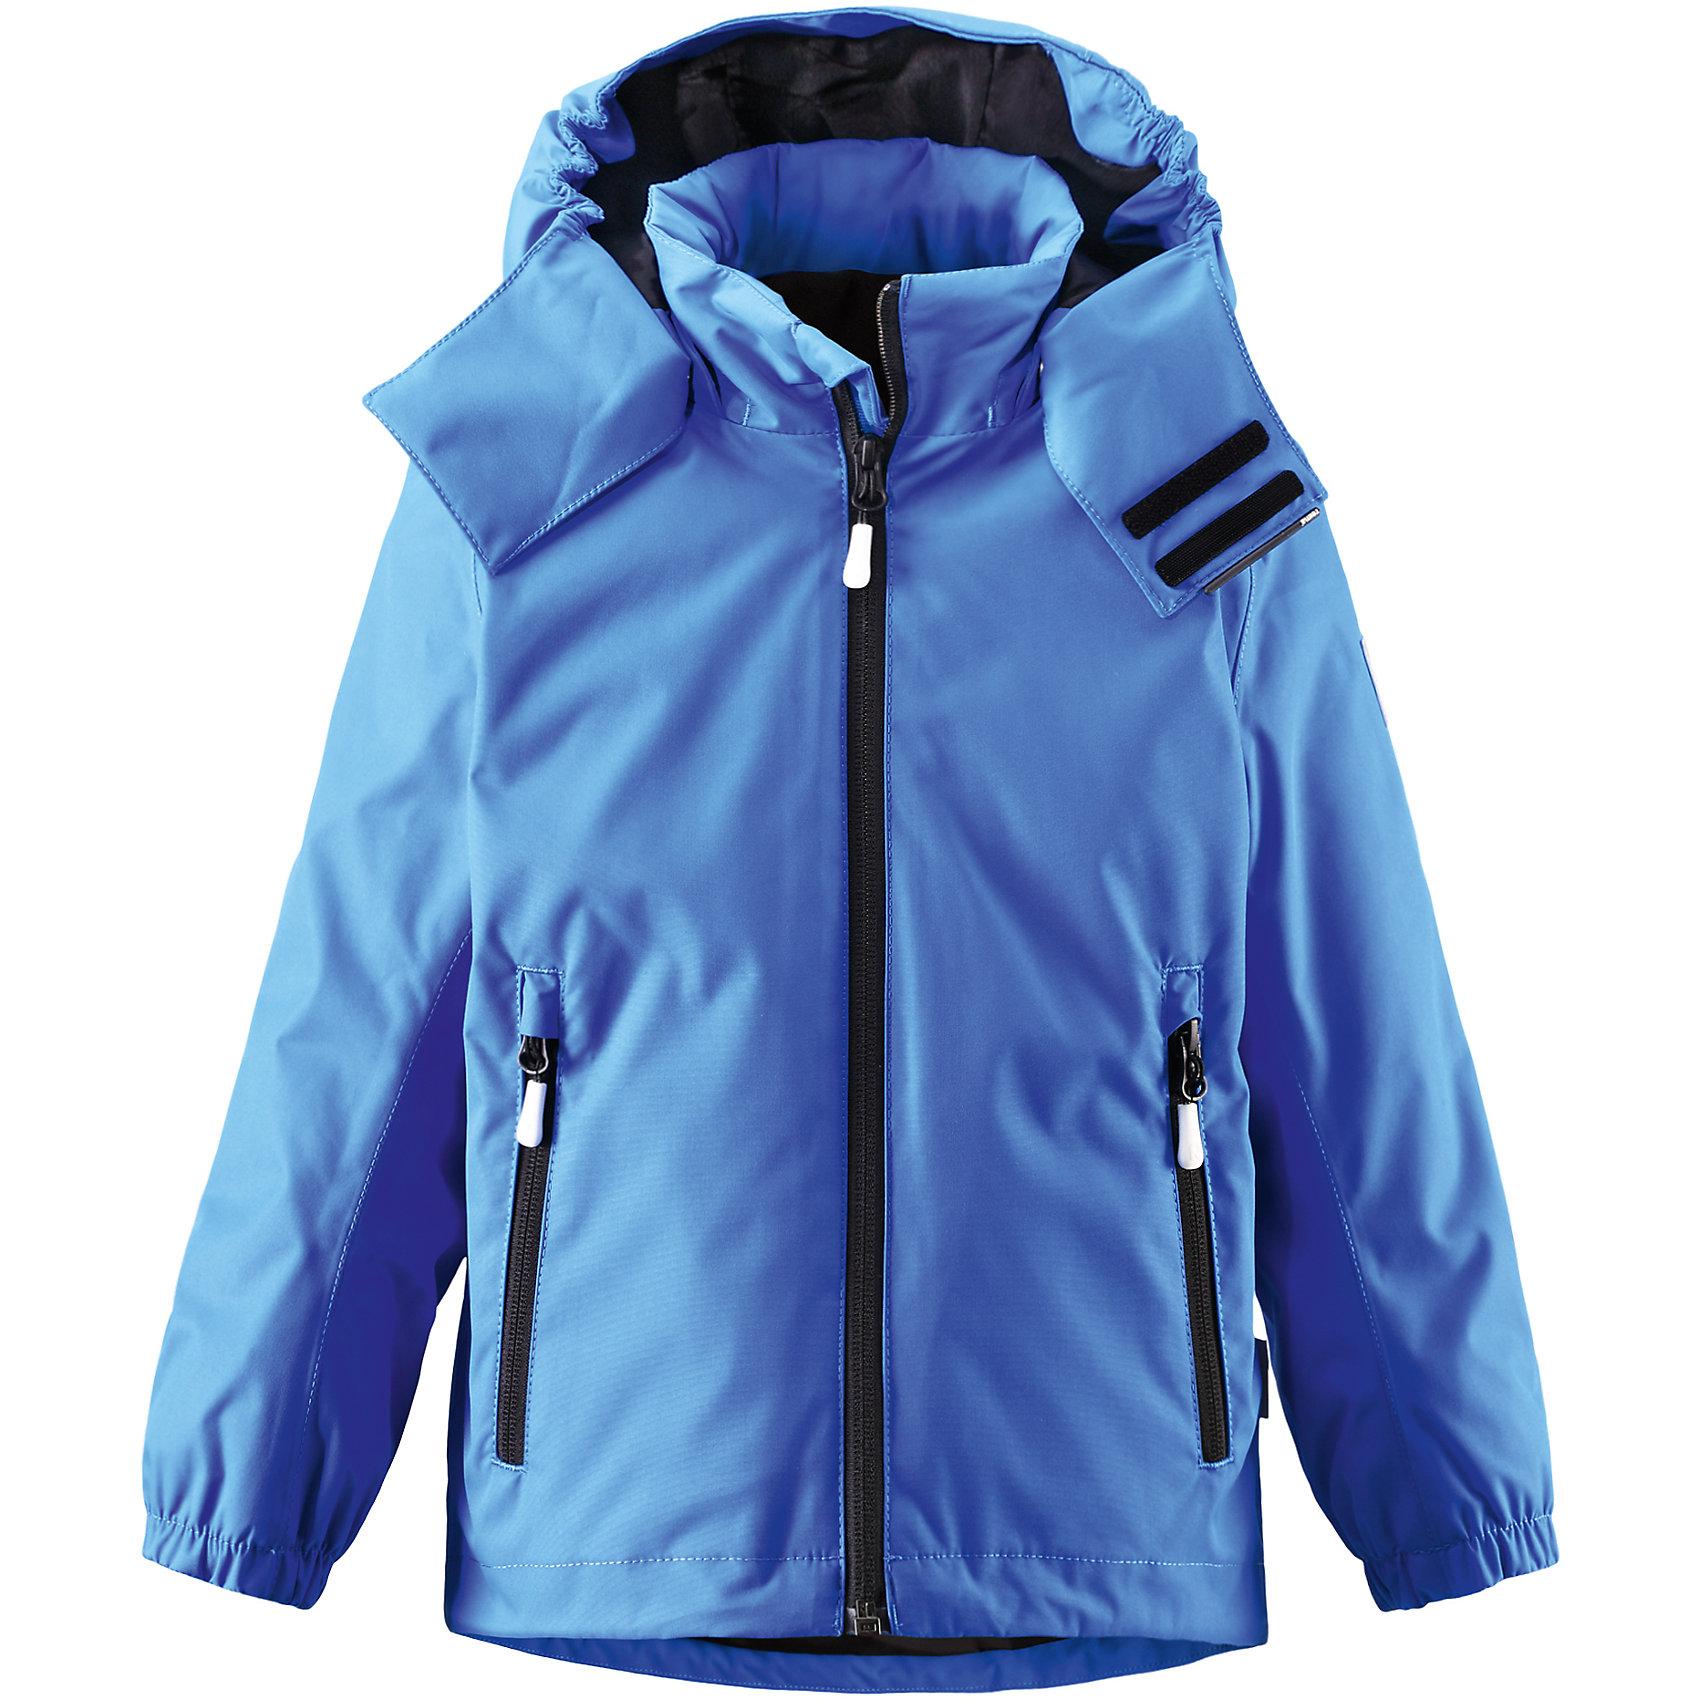 Куртка Roundtrip  Reimatec® ReimaХарактеристики товара:<br><br>• цвет: синий<br>• состав: 100% полиэстер, полиуретановое покрытие<br>• температурный режим: -15° до +5° градусов<br>• внутренняя флисовая куртка<br>• водонепроницаемая мембрана: от 10000 мм<br>• основные швы проклеены<br>• съёмный капюшон<br>• молния<br>• светоотражающие детали<br>• «дышащий» материал<br>• ветро- водо- и грязеотталкивающий материал<br>• кнопки Reima® Play Layers <br>• карманы<br>• комфортная посадка<br>• страна производства: Китай<br>• страна бренда: Финляндия<br><br>Верхняя одежда для детей может быть модной и комфортной одновременно! Эти зимняя куртка поможет обеспечить ребенку комфорт и тепло. Она отлично смотрится с различной одеждой и обувью. Изделие удобно сидит и модно выглядит. Стильный дизайн разрабатывался специально для детей. Отличный вариант для активного отдыха зимой!<br><br>Одежда и обувь от финского бренда Reima пользуется популярностью во многих странах. Эти изделия стильные, качественные и удобные. Для производства продукции используются только безопасные, проверенные материалы и фурнитура. Порадуйте ребенка модными и красивыми вещами от Reima! <br><br>Куртку Roundtrip от финского бренда Reimatec® Reima (Рейма) можно купить в нашем интернет-магазине.<br><br>Ширина мм: 356<br>Глубина мм: 10<br>Высота мм: 245<br>Вес г: 519<br>Цвет: синий<br>Возраст от месяцев: 24<br>Возраст до месяцев: 36<br>Пол: Унисекс<br>Возраст: Детский<br>Размер: 98,116,122,110,128,134,104,140<br>SKU: 5415483